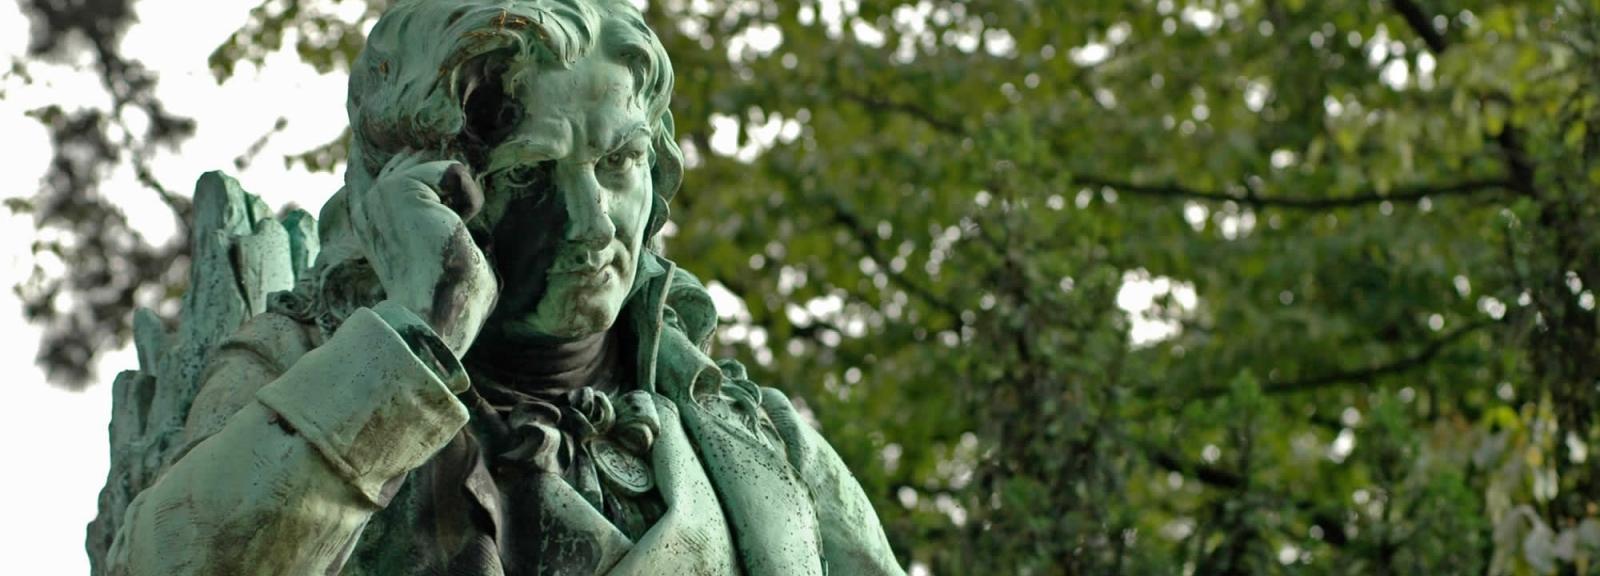 Monument à Bernardin de Saint-Pierre © MNHN